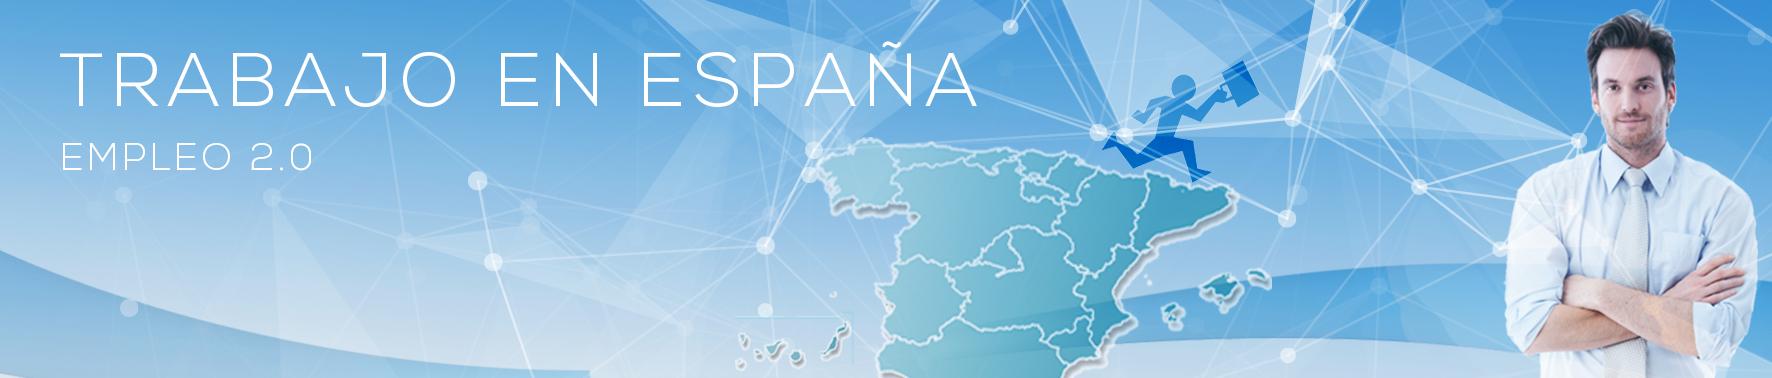 Cómo buscar trabajo en España